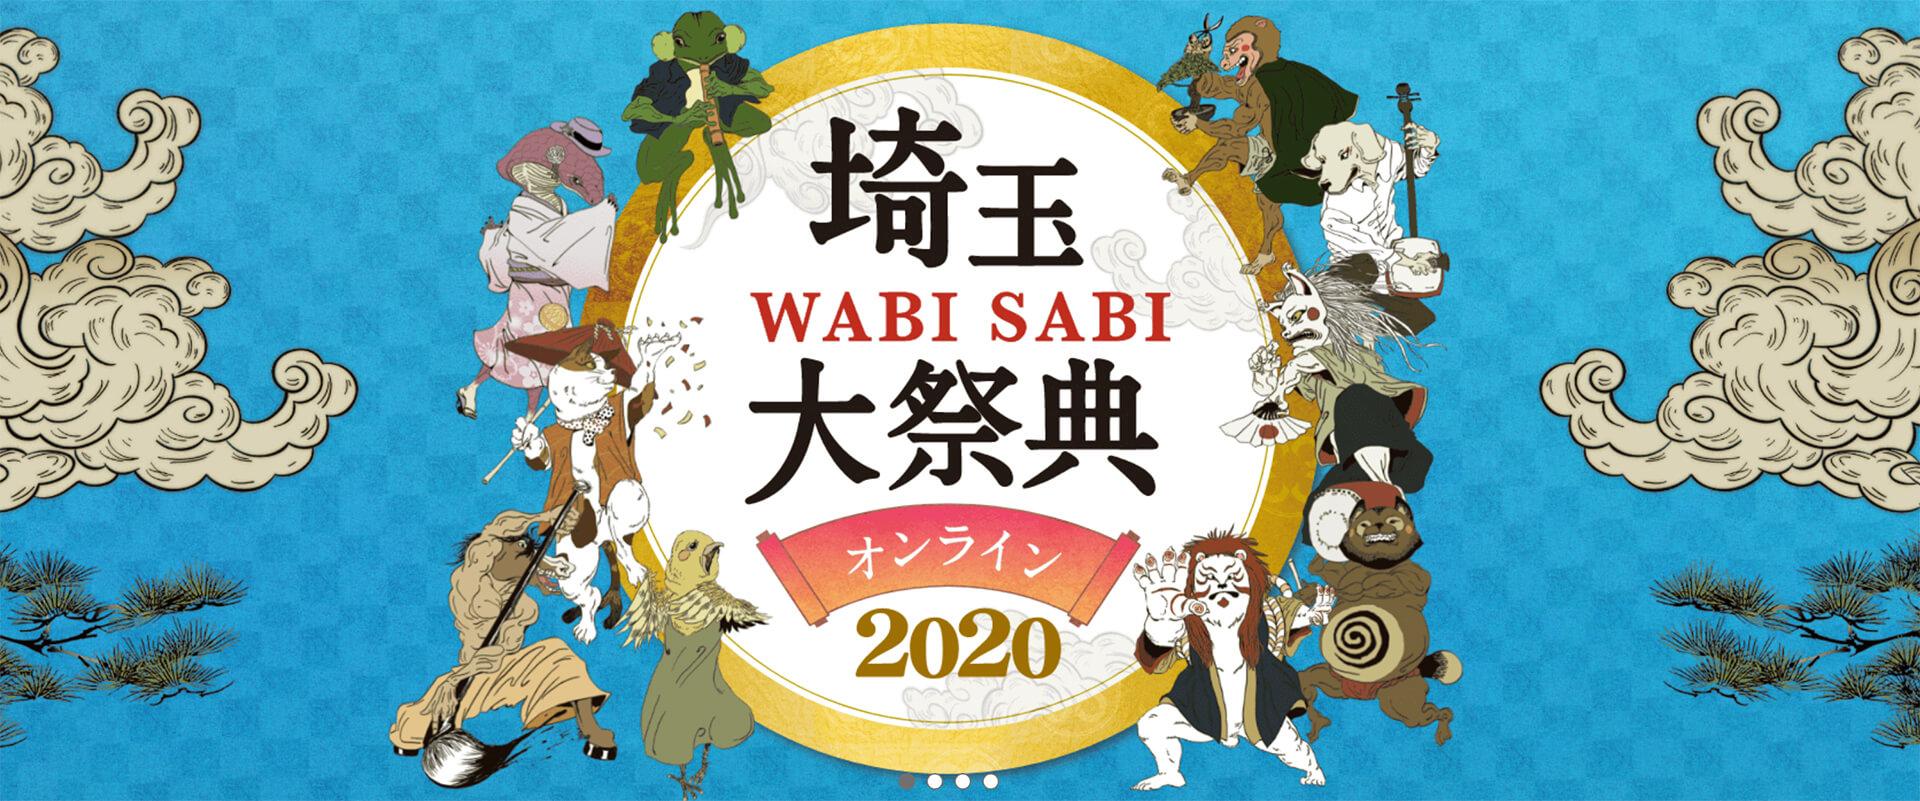 埼玉 WABI SABI 大祭典 2020